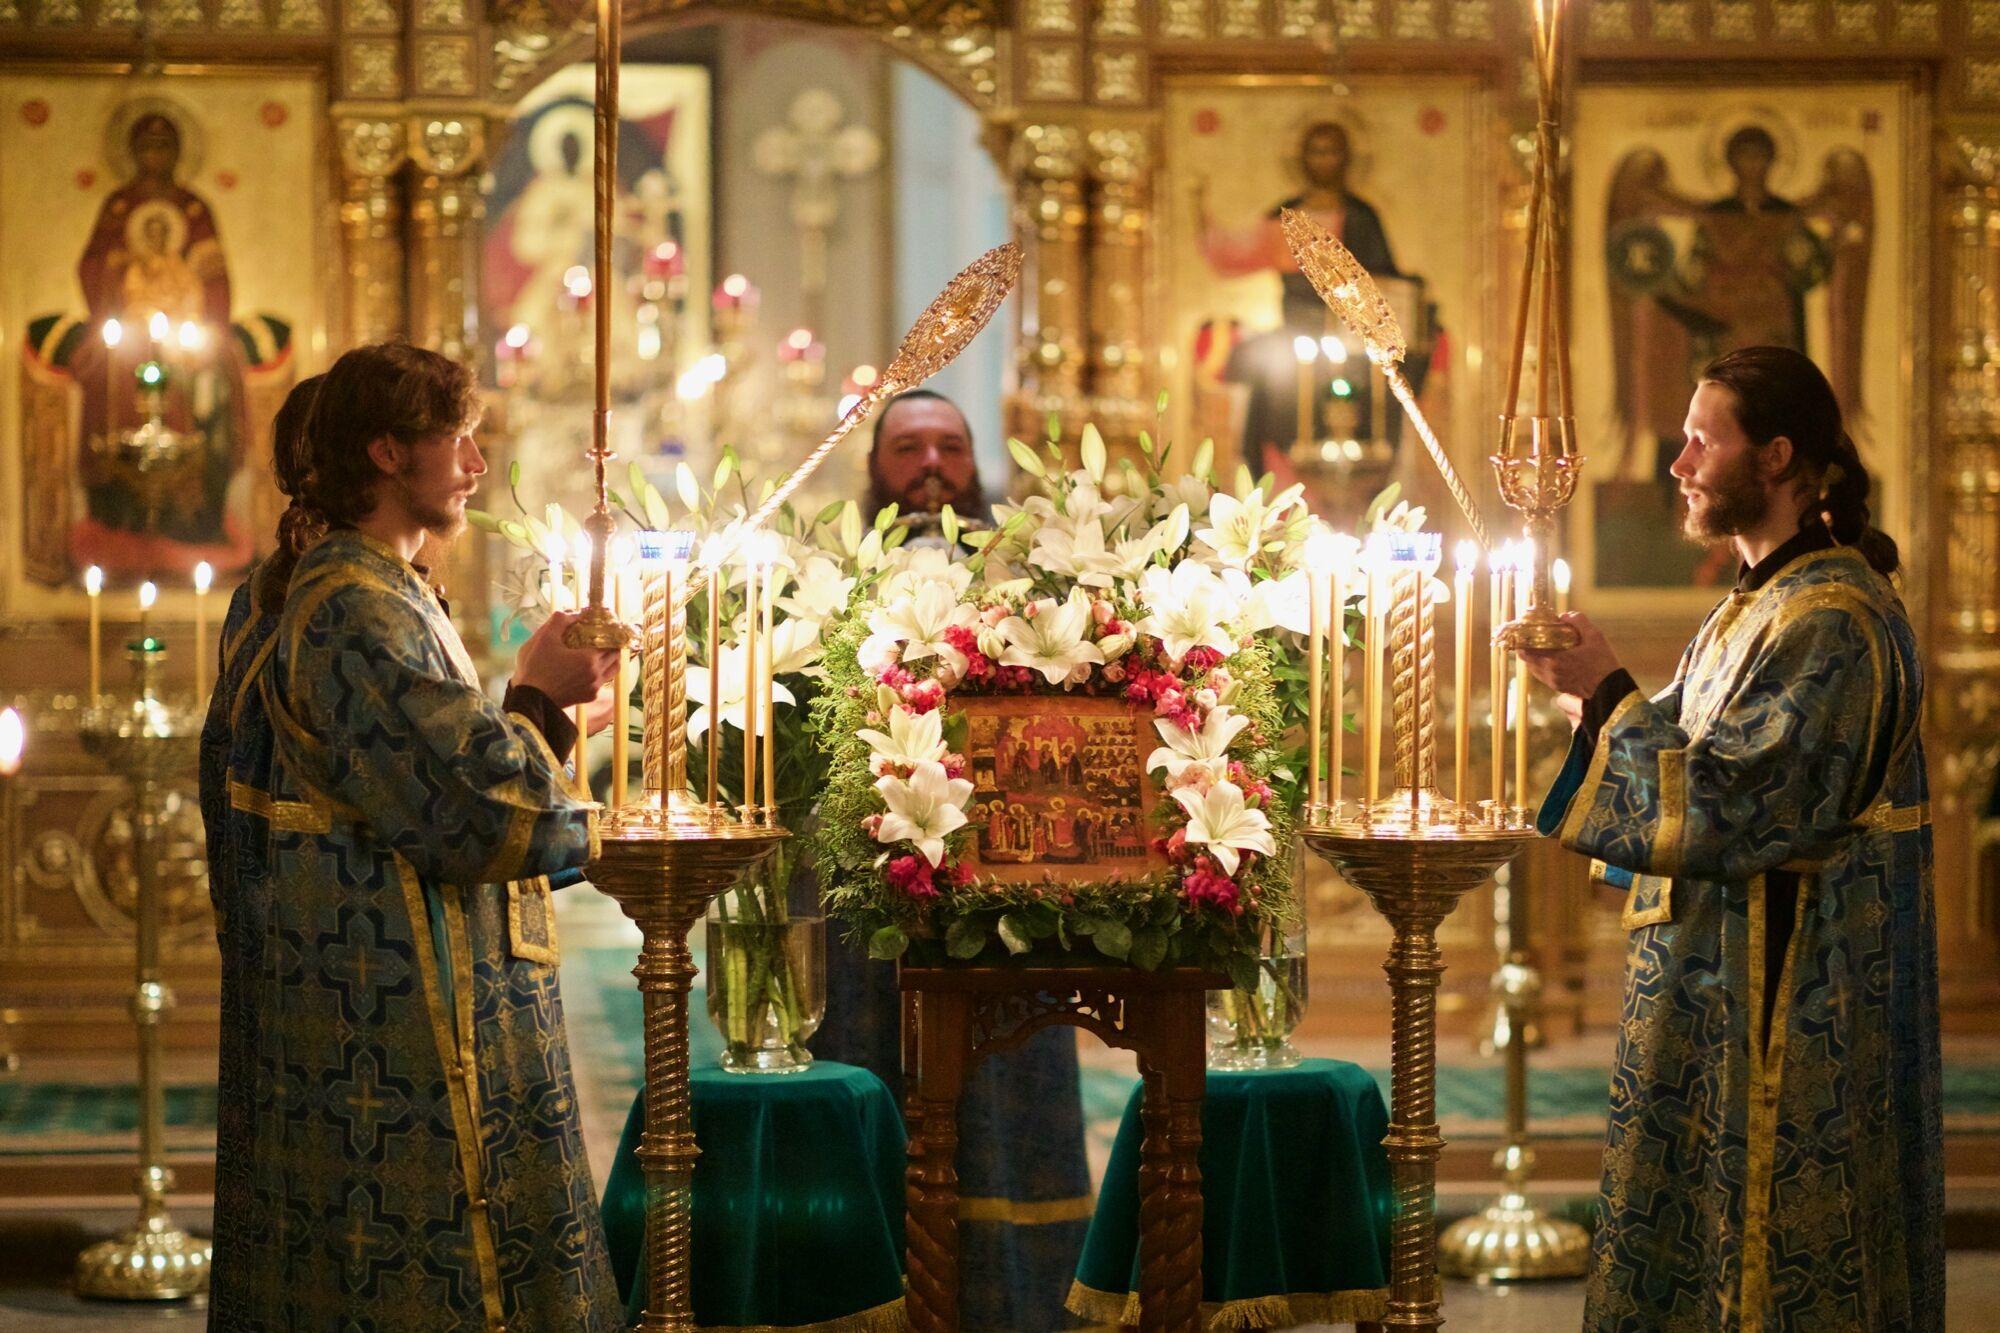 На Покров верующие посещают всенощное бдение, чтобы встретить праздник с Божьей благодатью